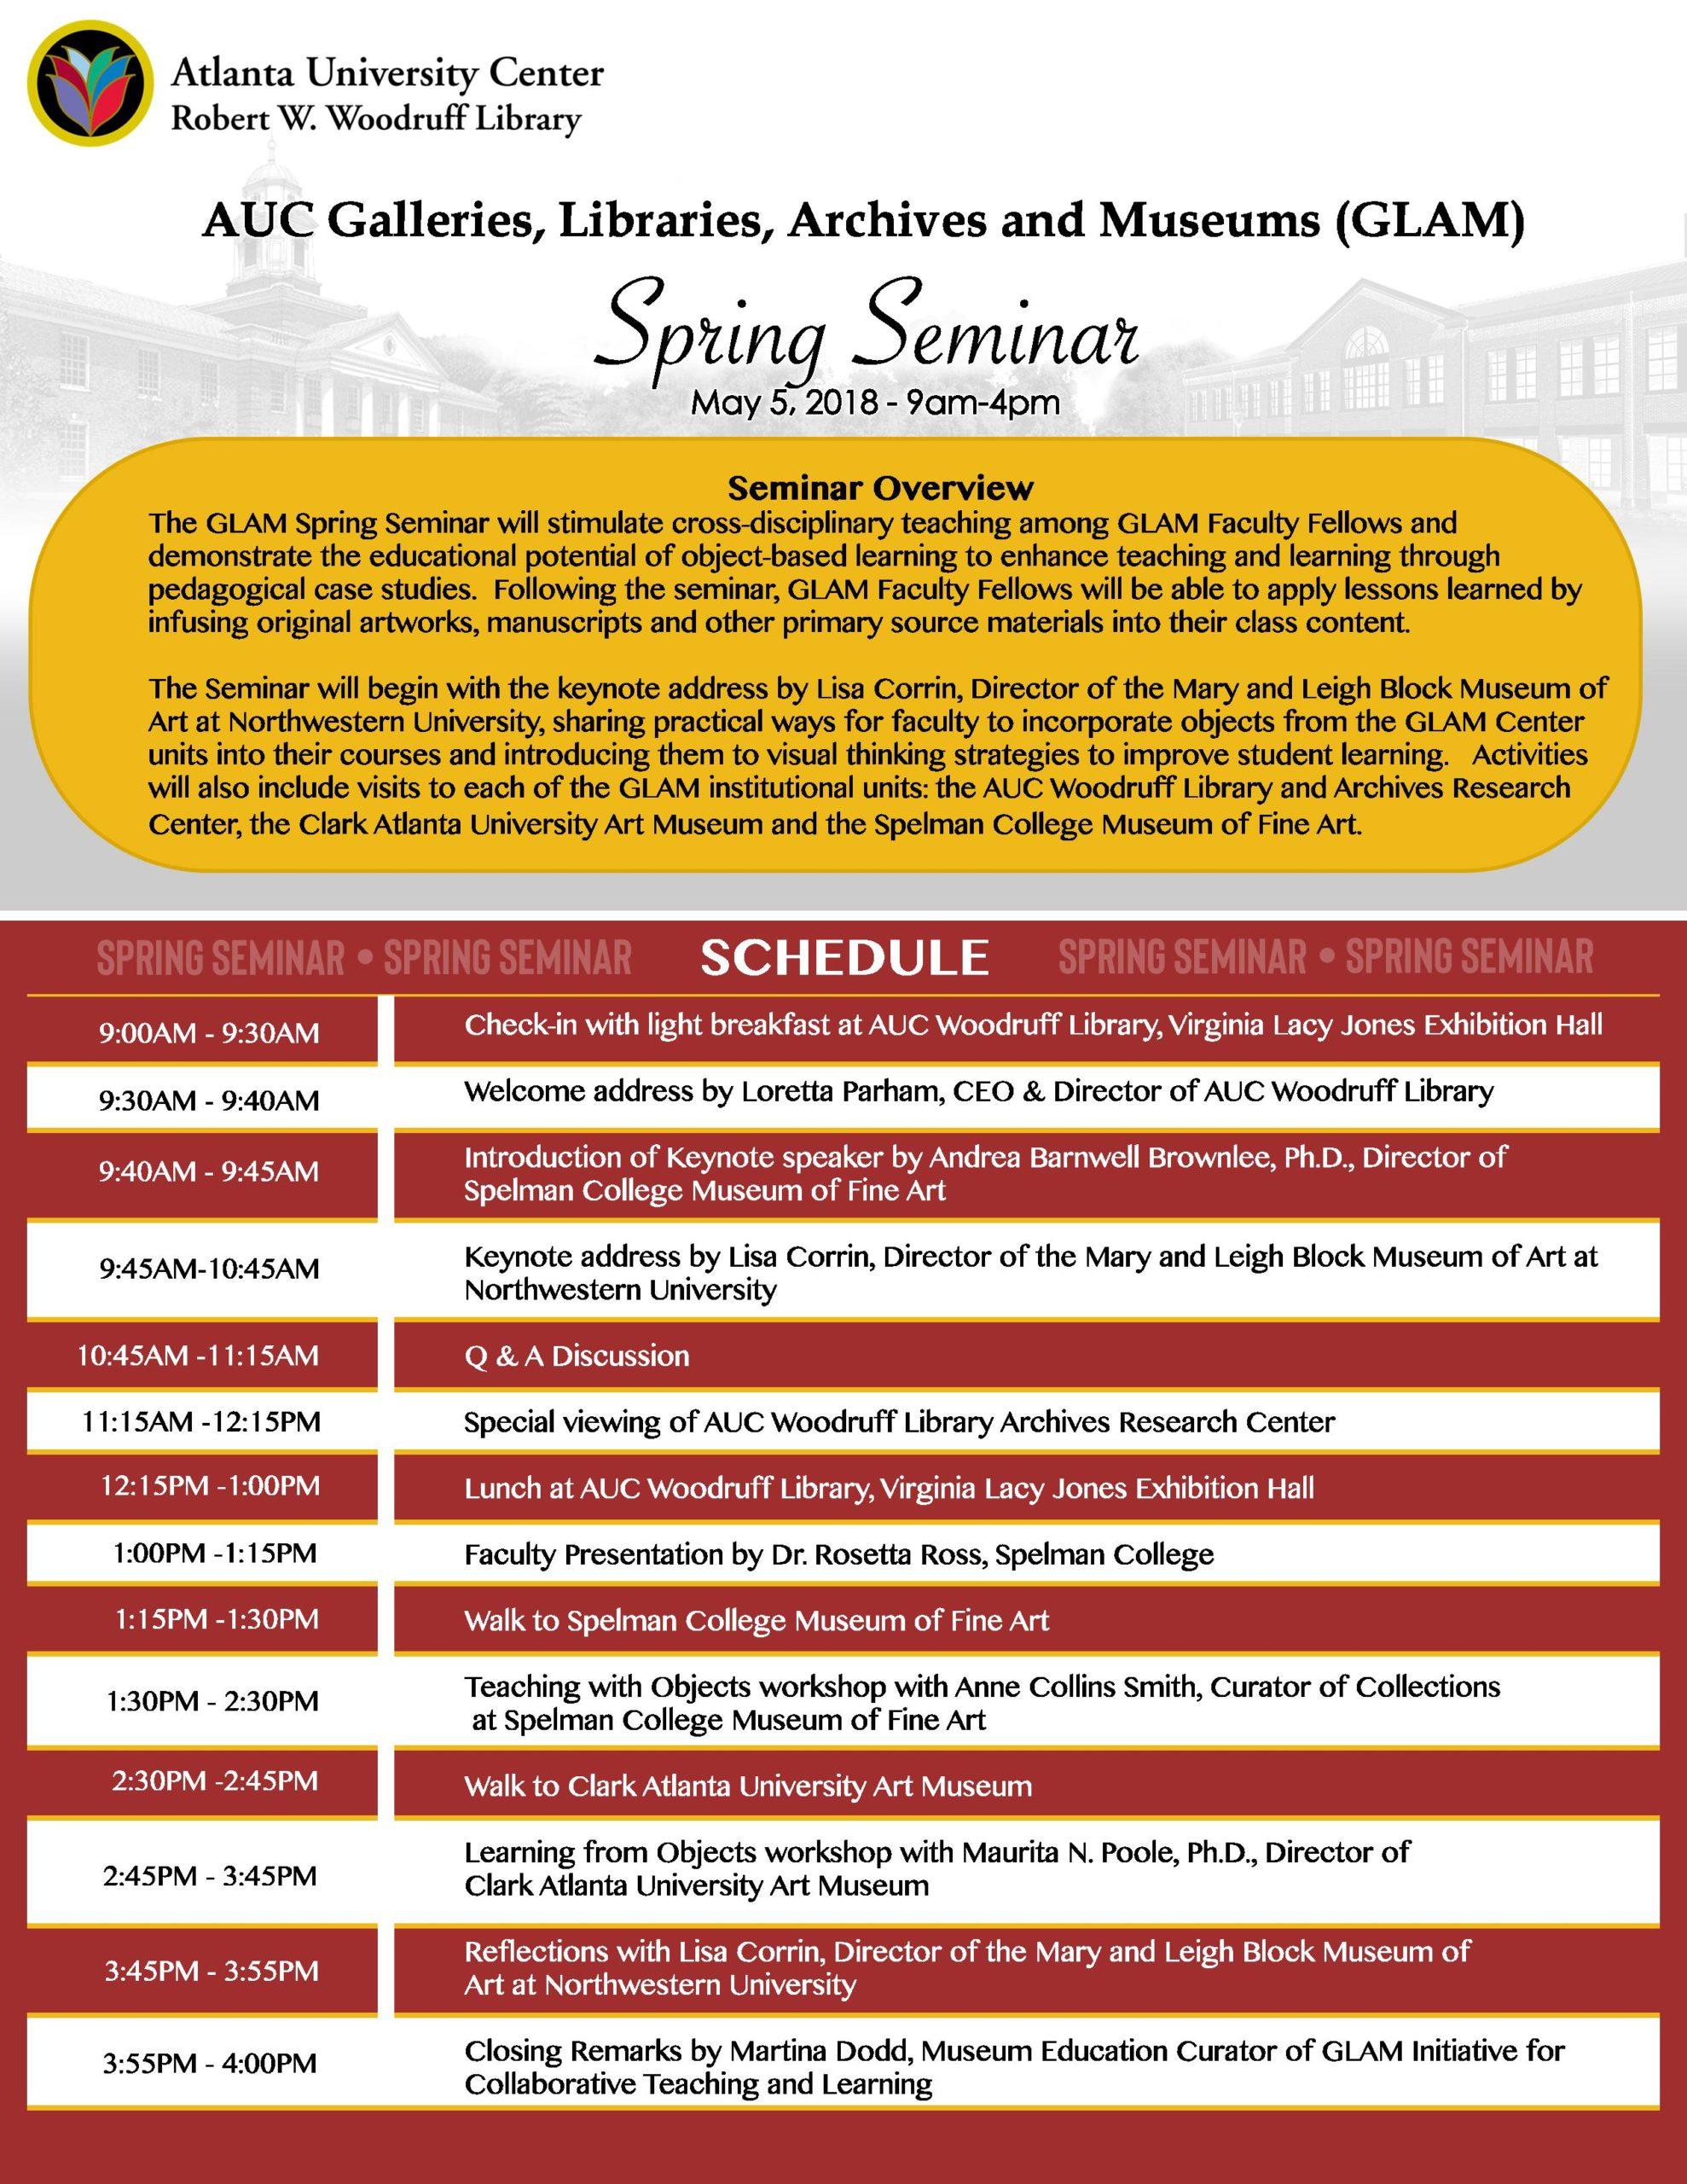 Spring Seminar 2018 flyer